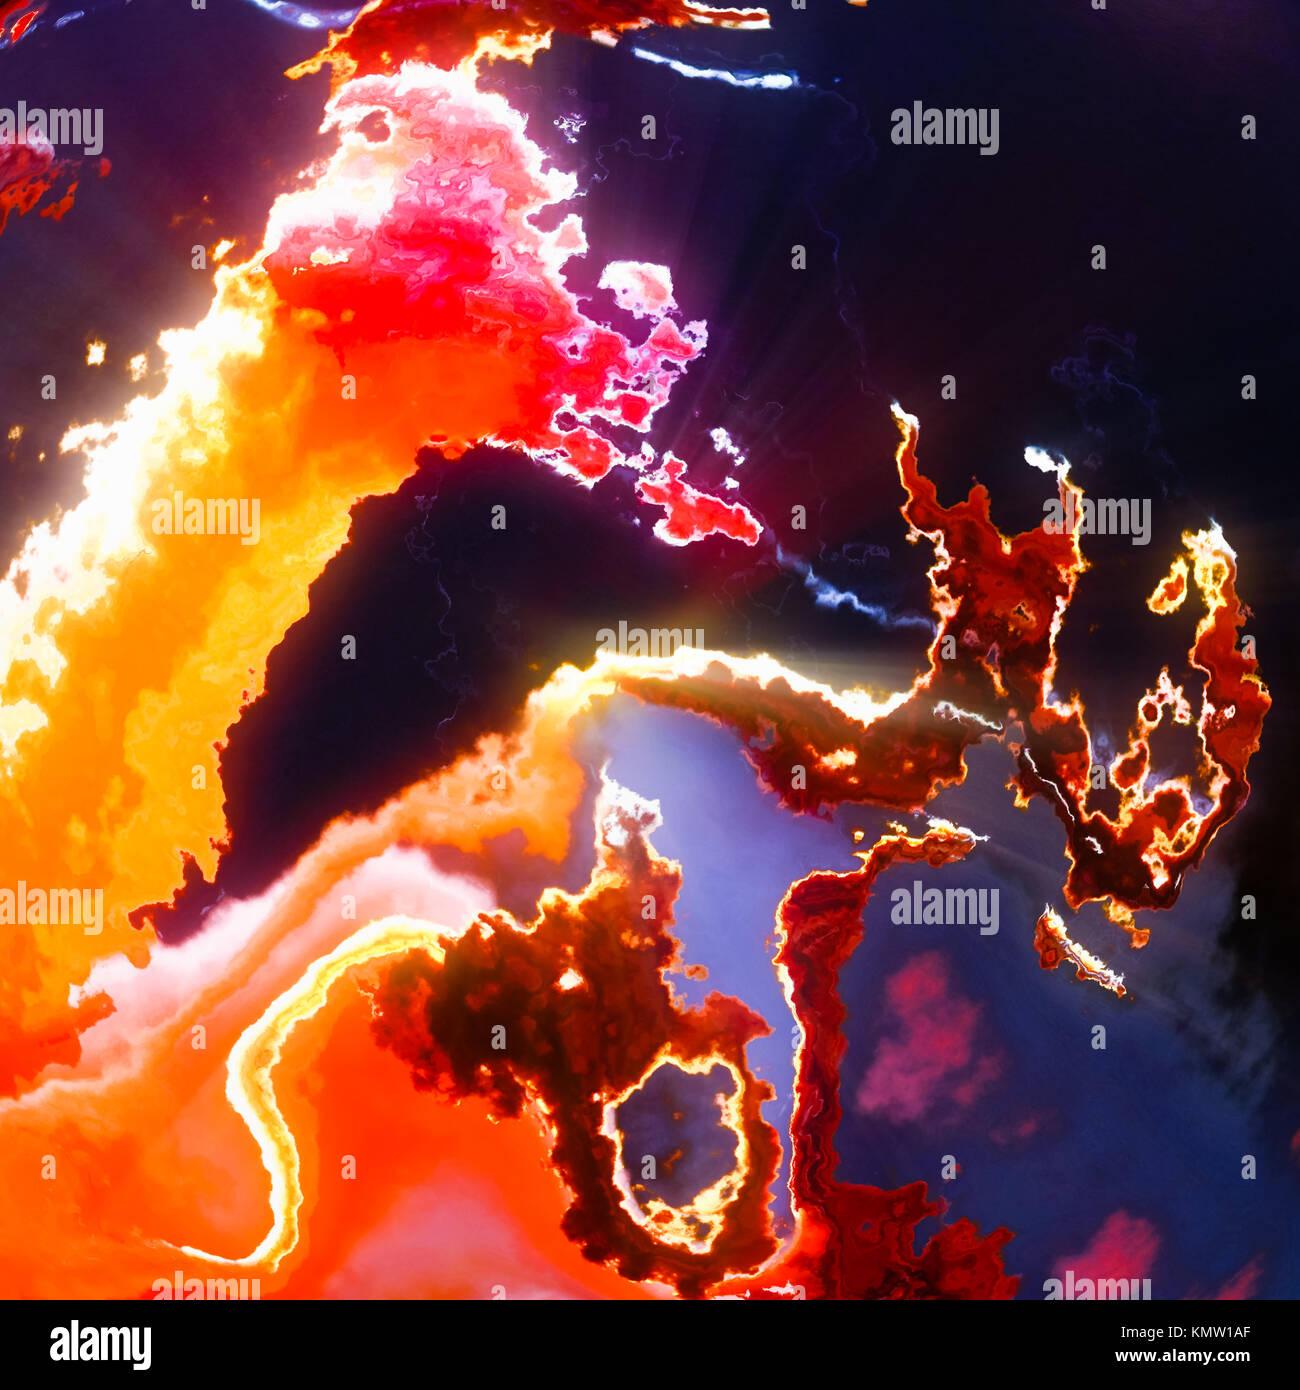 Brennen Flammen, heißen roten Wolken, abstrakten Hintergrund Abbildung Stockfoto